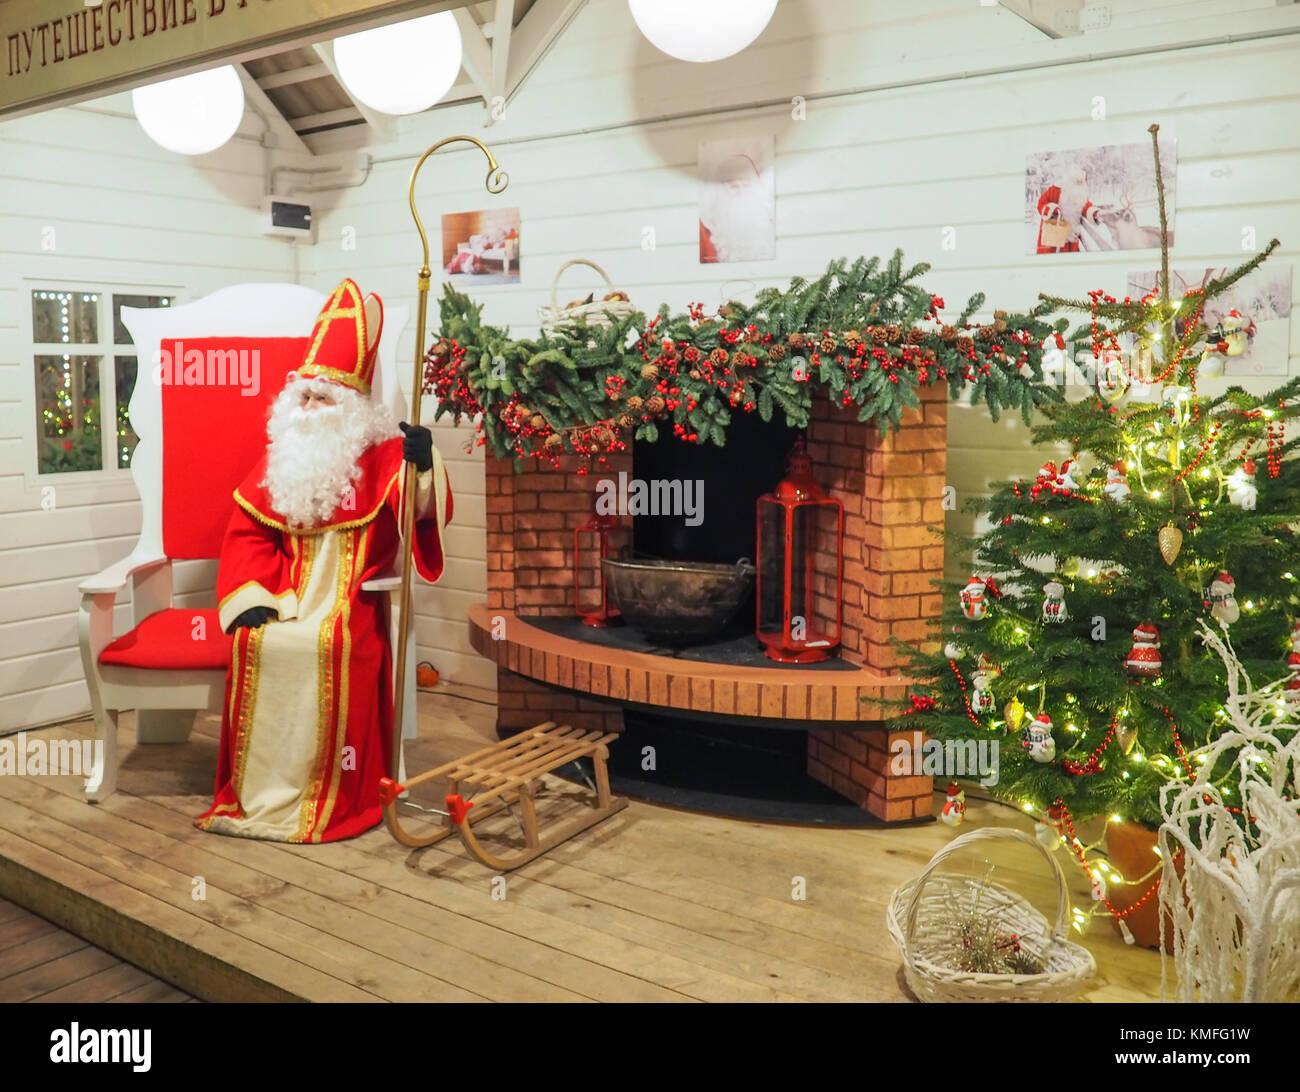 Babbo Natale In Casa.Un Babbo Natale In Casa Sua Seduta Nel Suo Grande Sedia Rossa Vicino